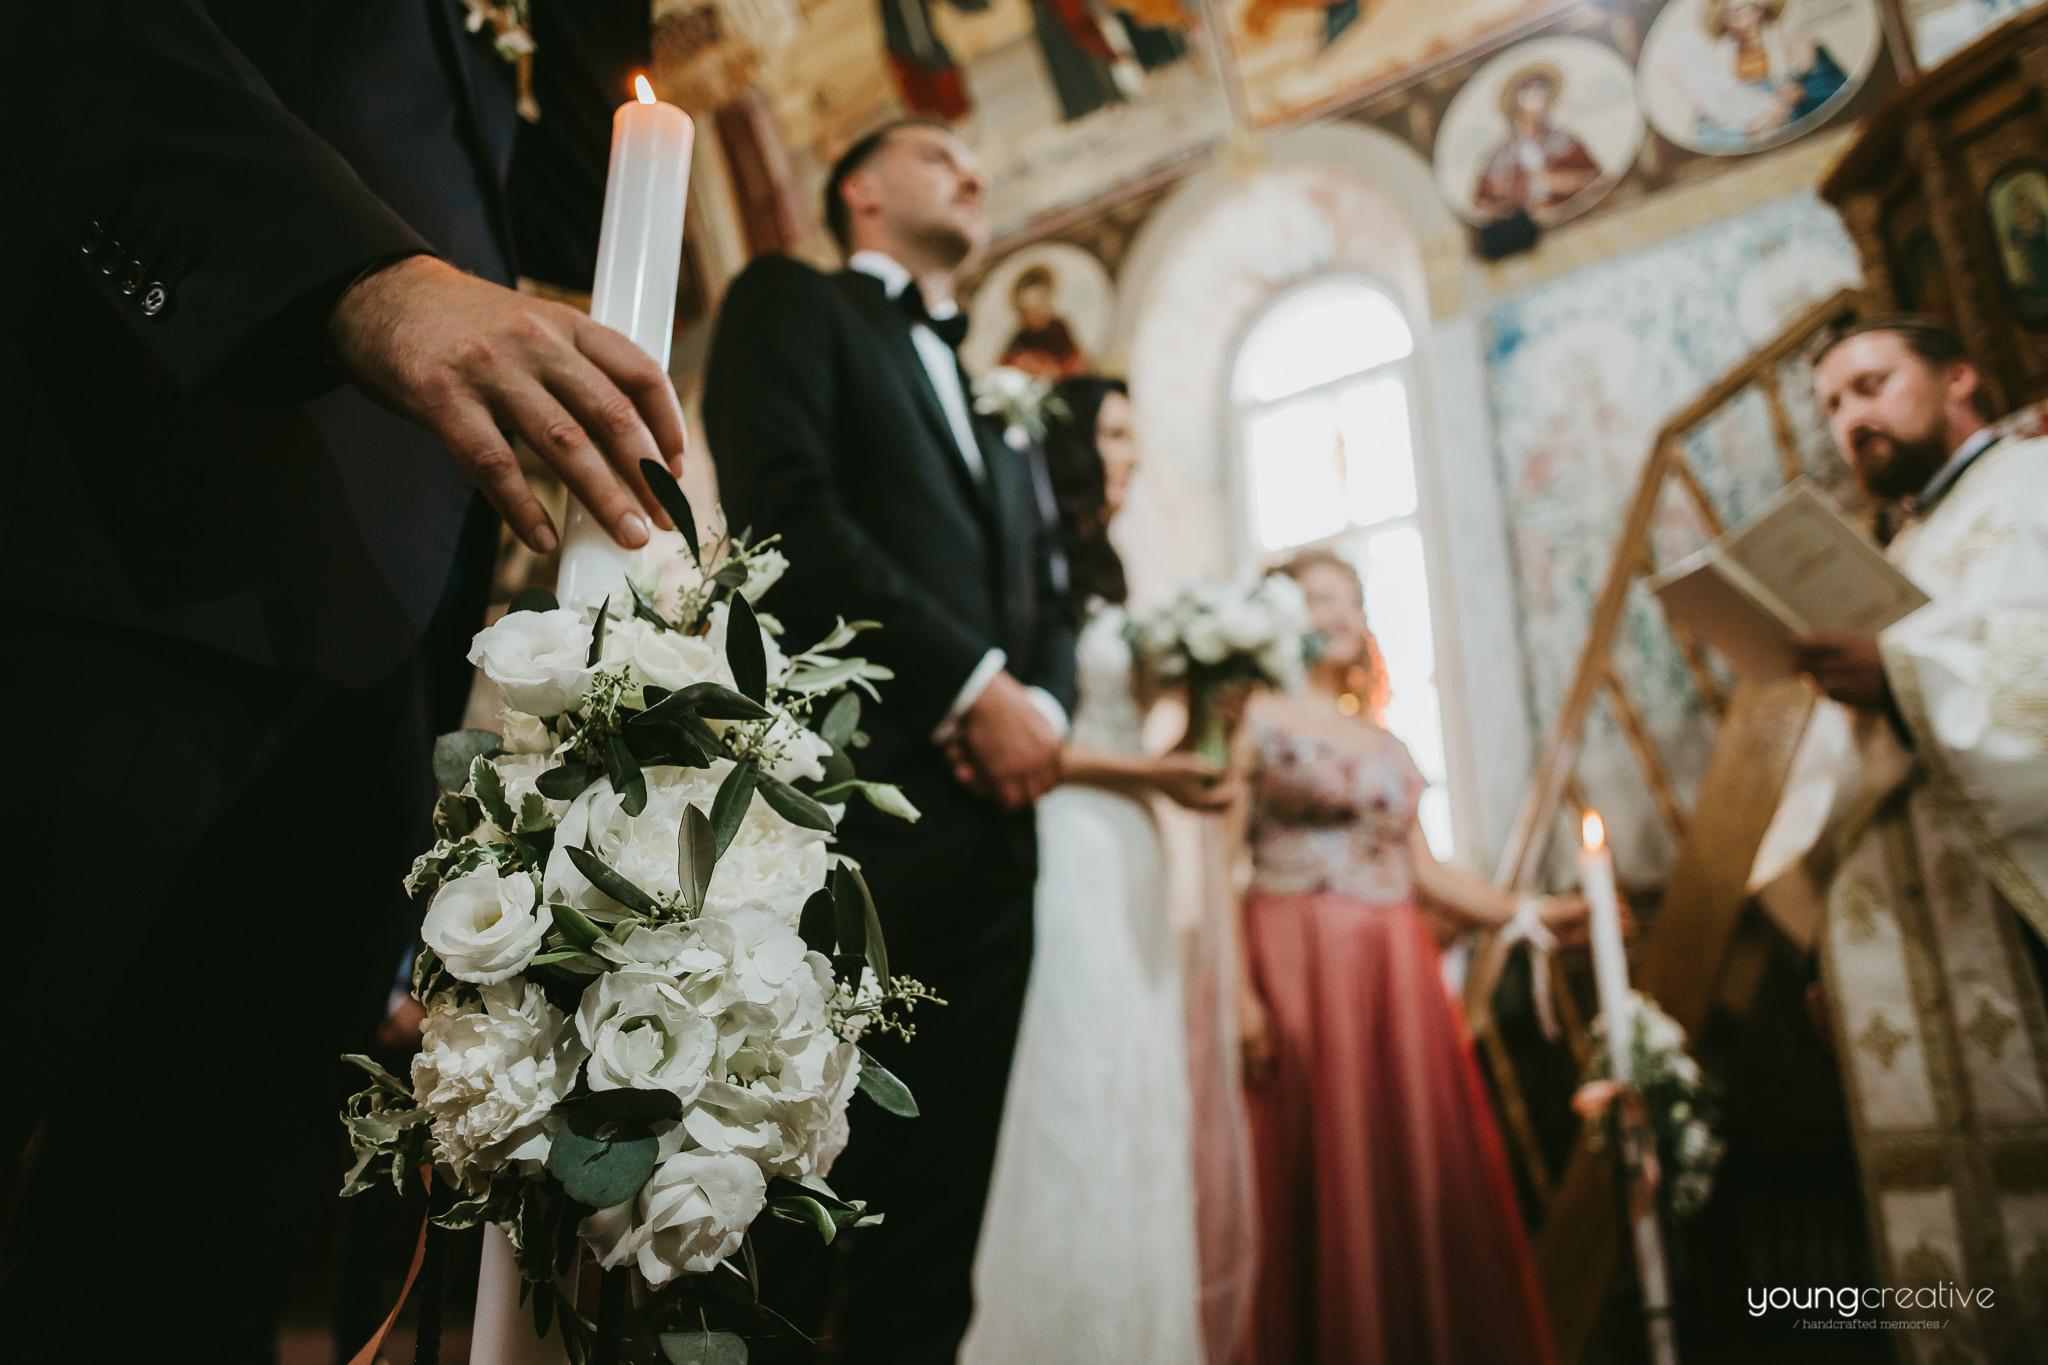 Cristina & Cozmin | youngcreative.info media © Dan Filipciuc, Cristina Bejan | fotograf nunta Falticeni